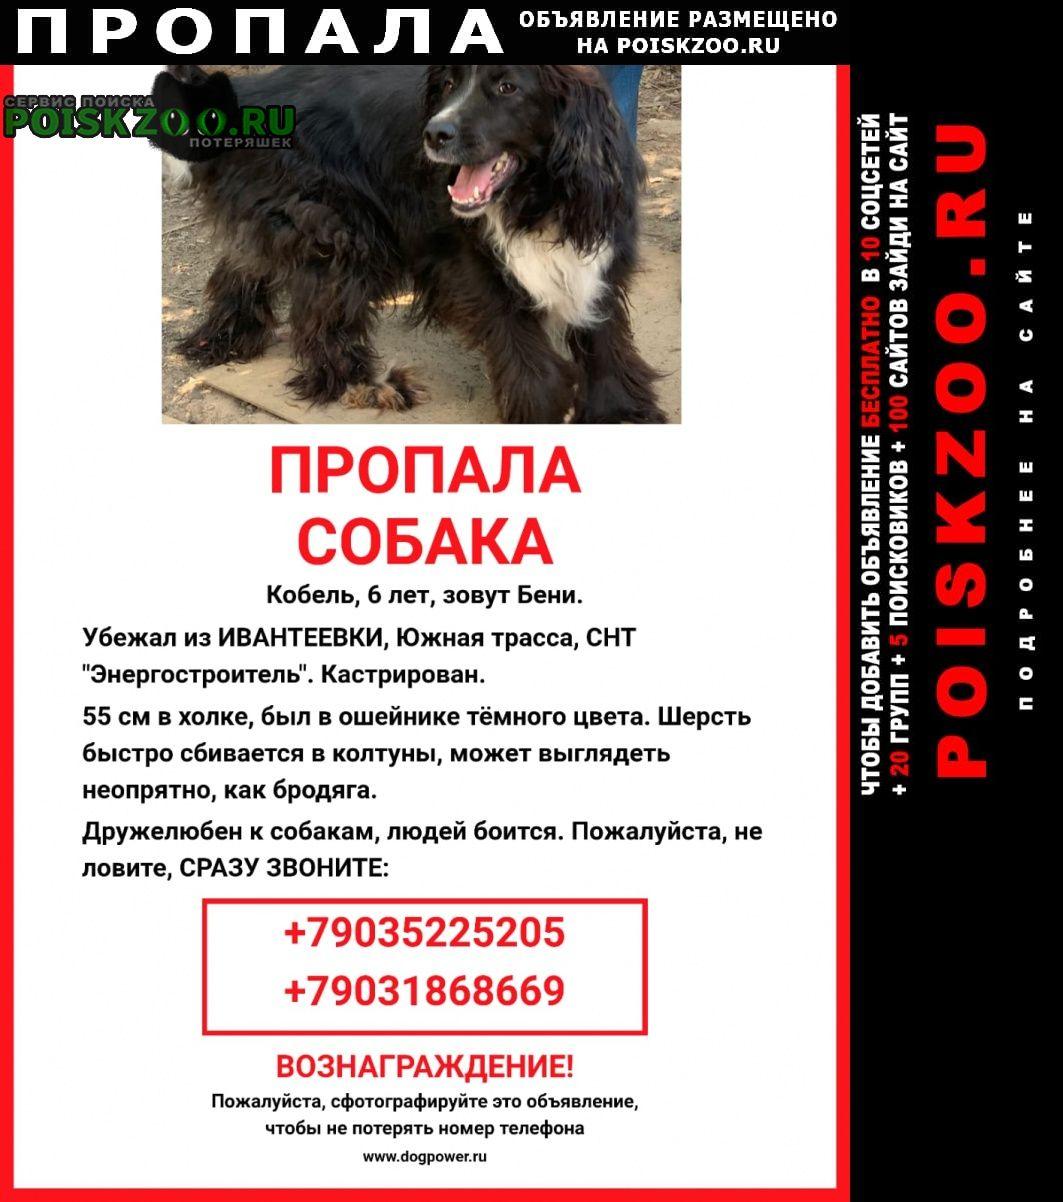 Ивантеевка (Московская обл.) Пропала собака кобель